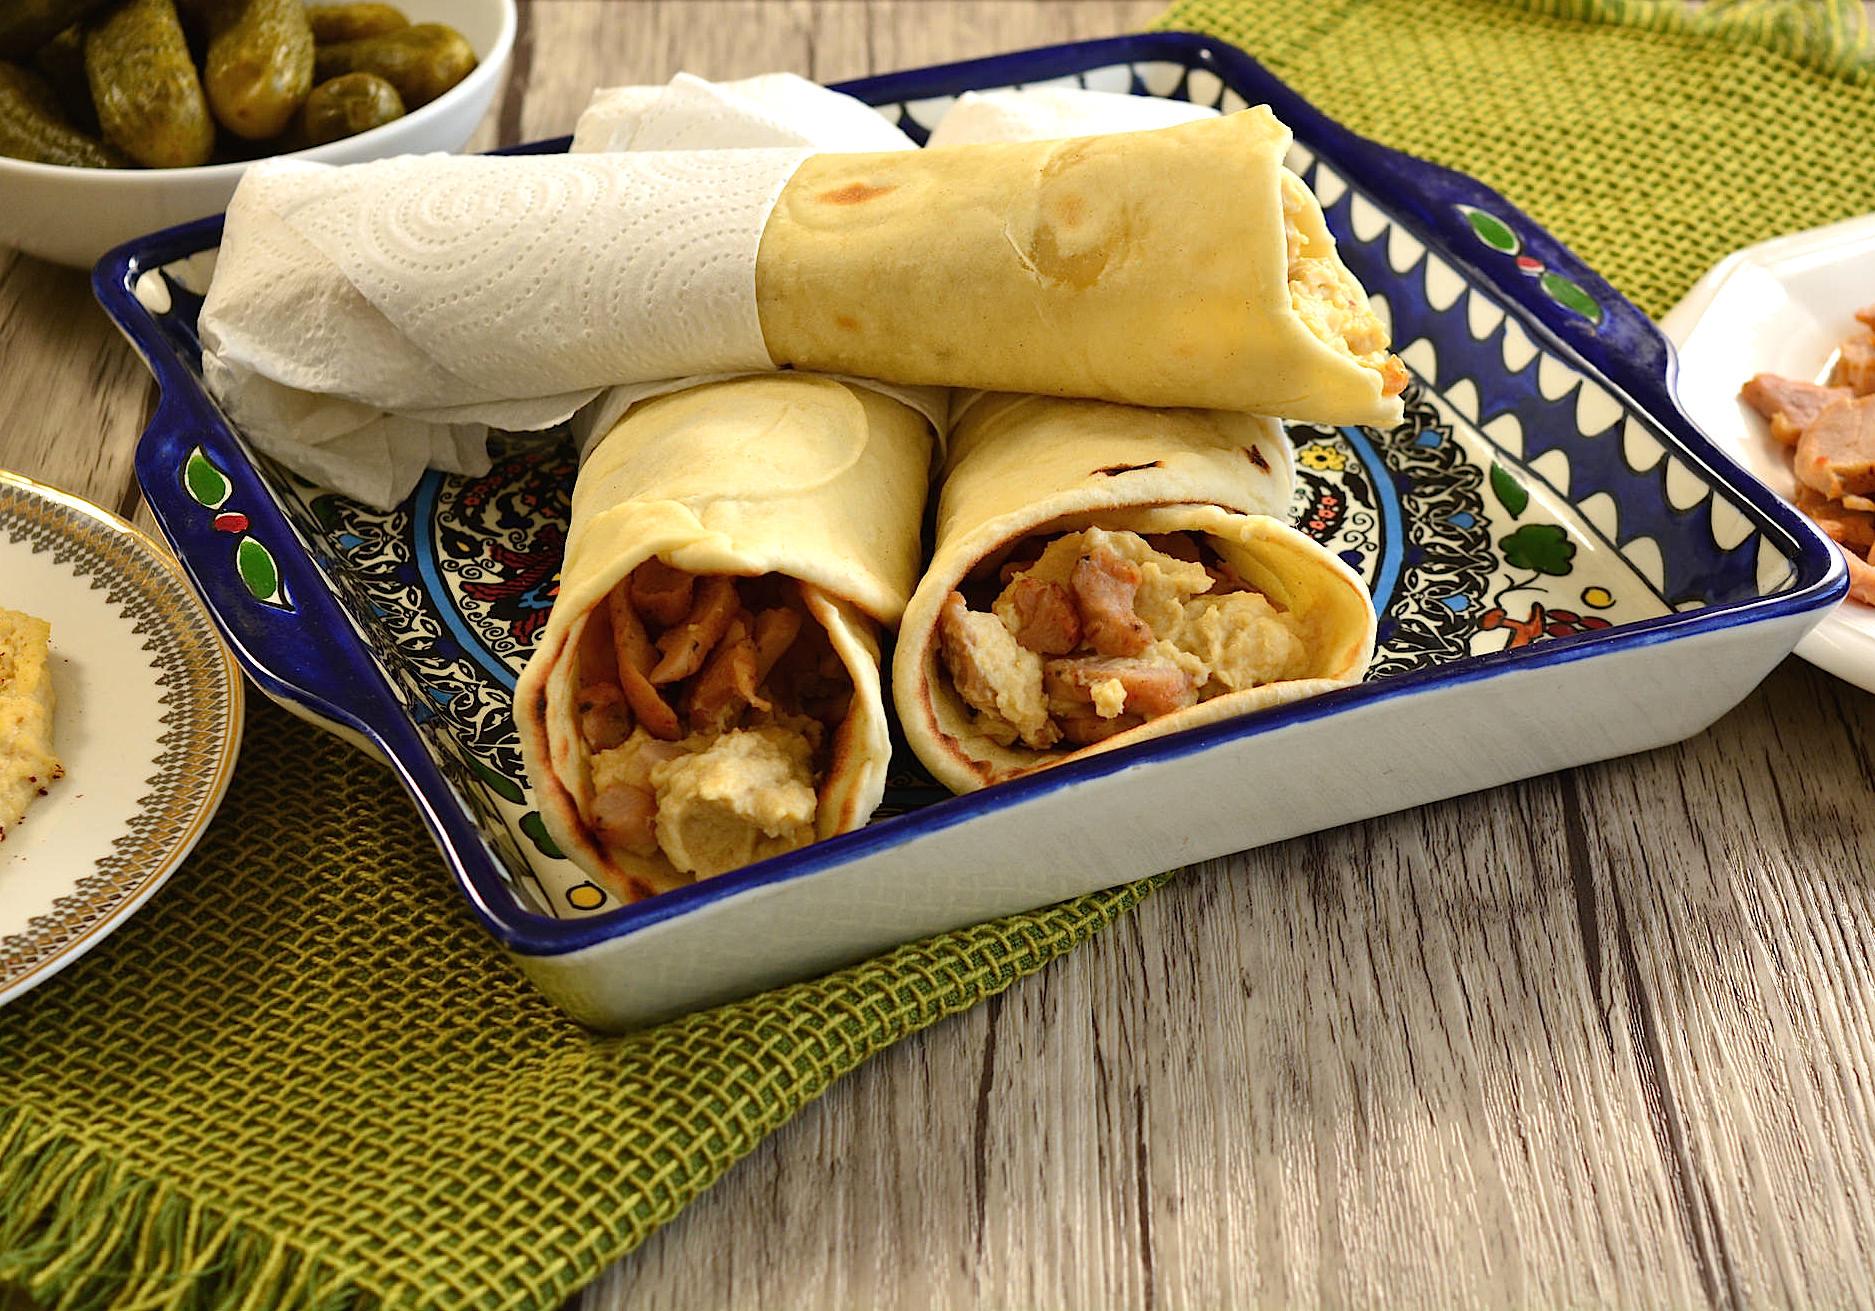 Ricetta Pane Arabo Per Kebab Bimby.Pane Arabo Per Kebab Bimby Tm31 Tm5